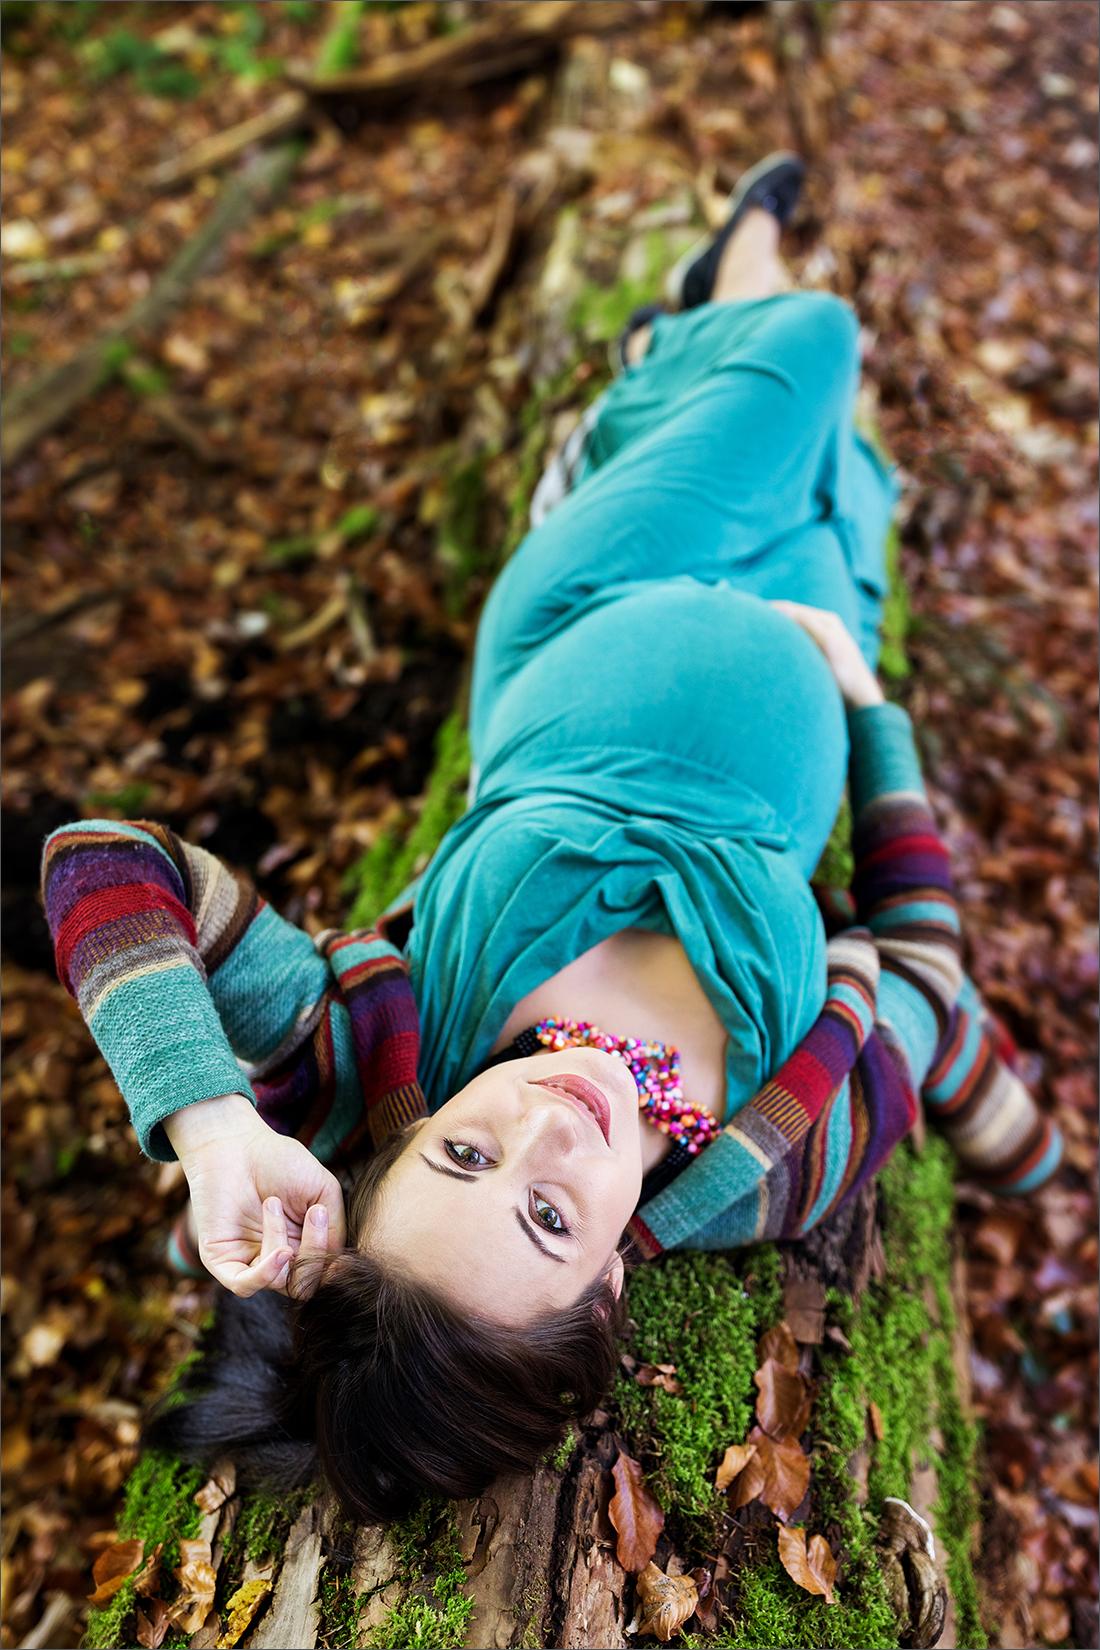 Schwangeren Fotoshooting Bad Säckingen - Waltshut